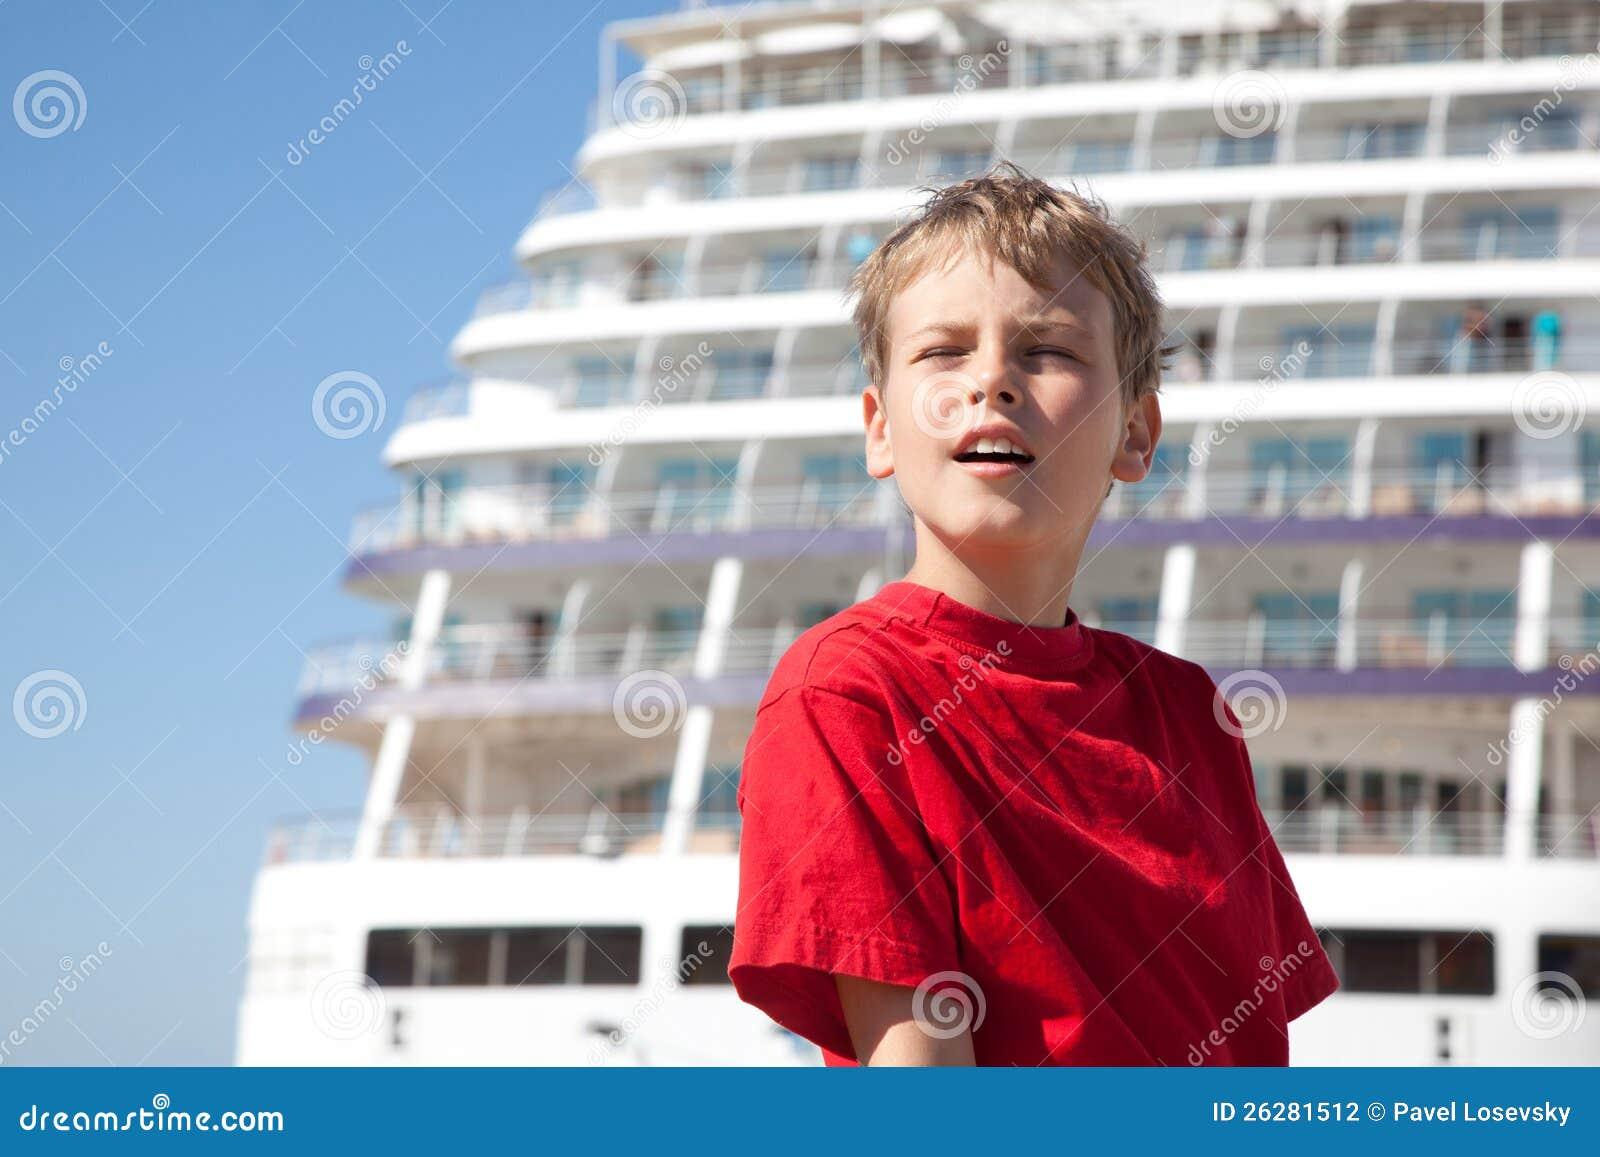 闭上�9�/9/h9�9��o^�_男孩背景船的闭上的眼睛